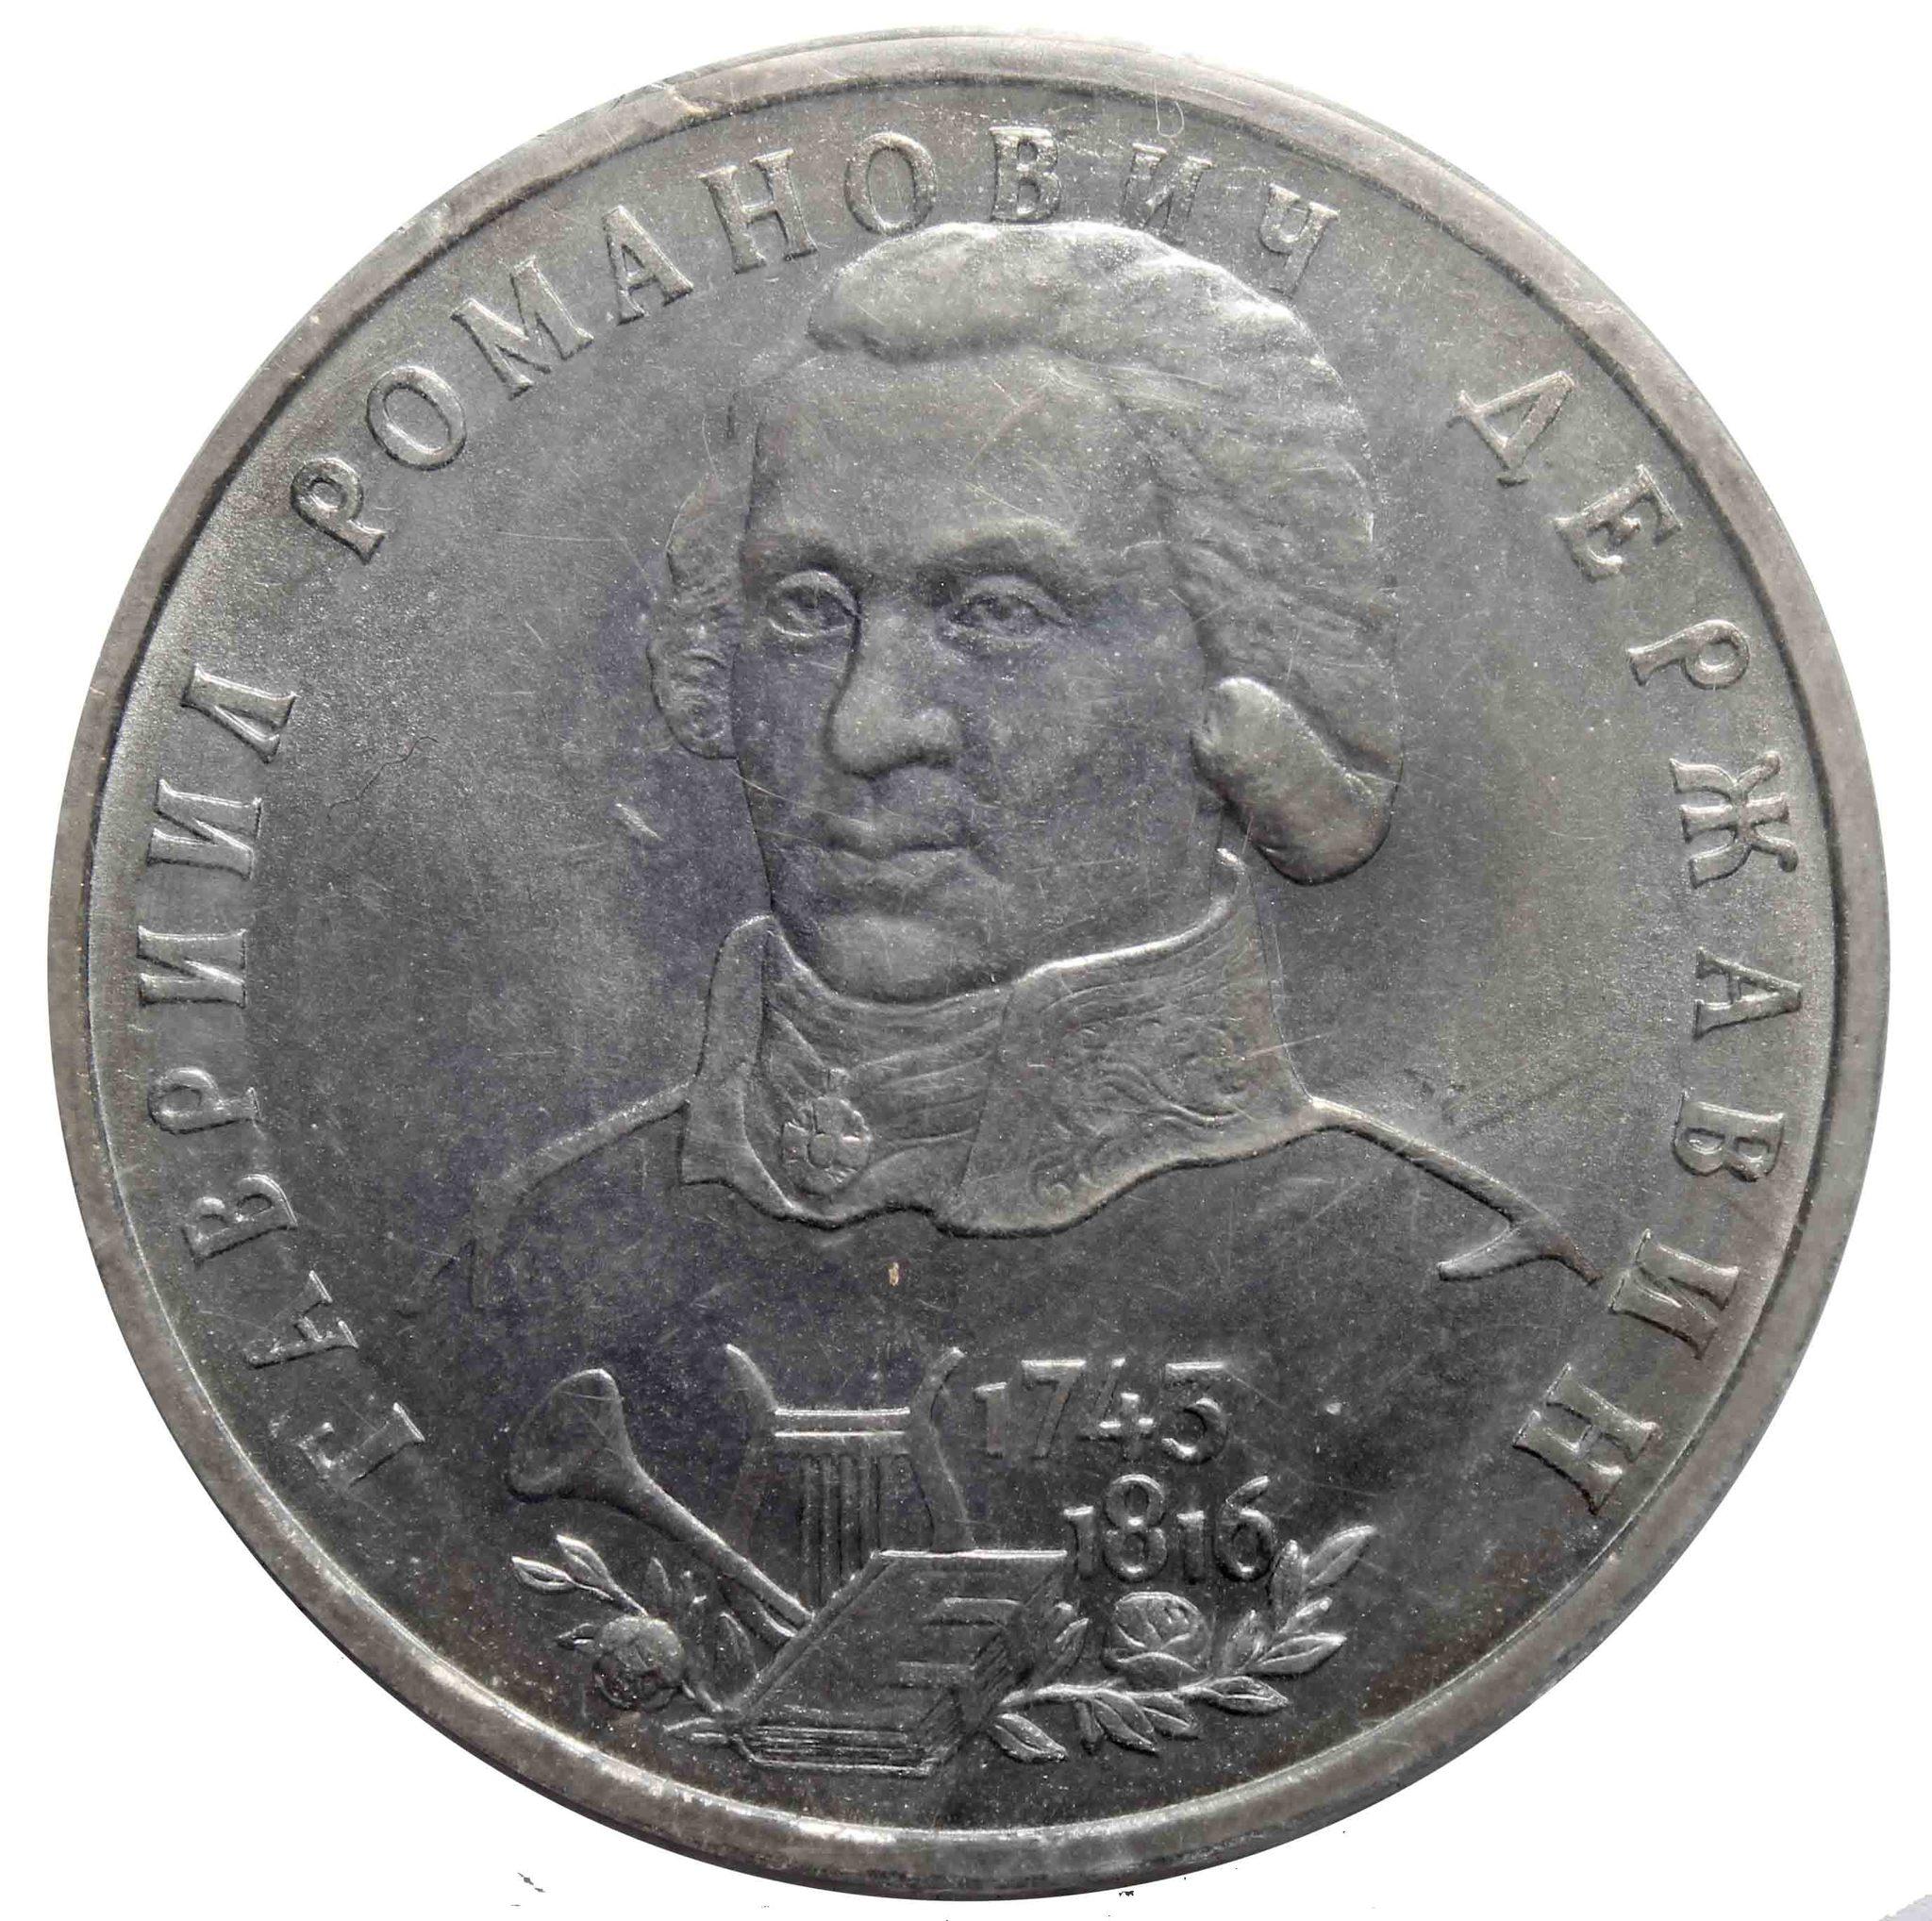 (ац) 1 рубль Г. Р. Державин 1993 года